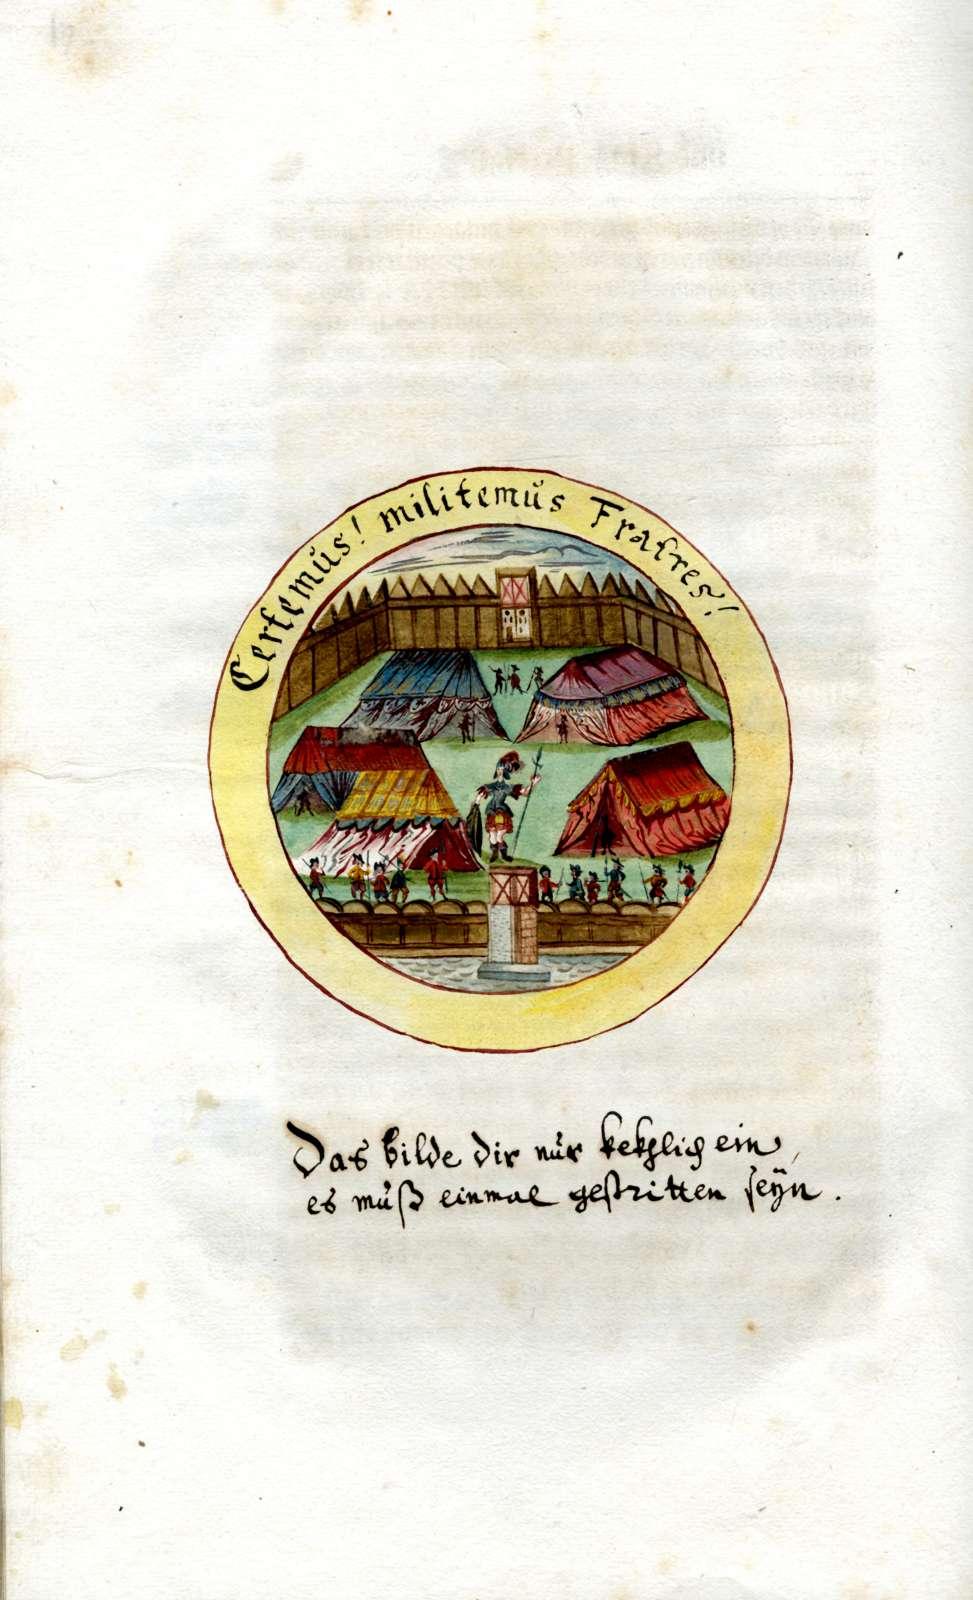 Leichenpredigten über Herzog Wilhelm Ludwig von Württemberg (geb. 7. Jan. 1647, gest. 23. Juni 1677, regierend 1674-1677), Bild 1